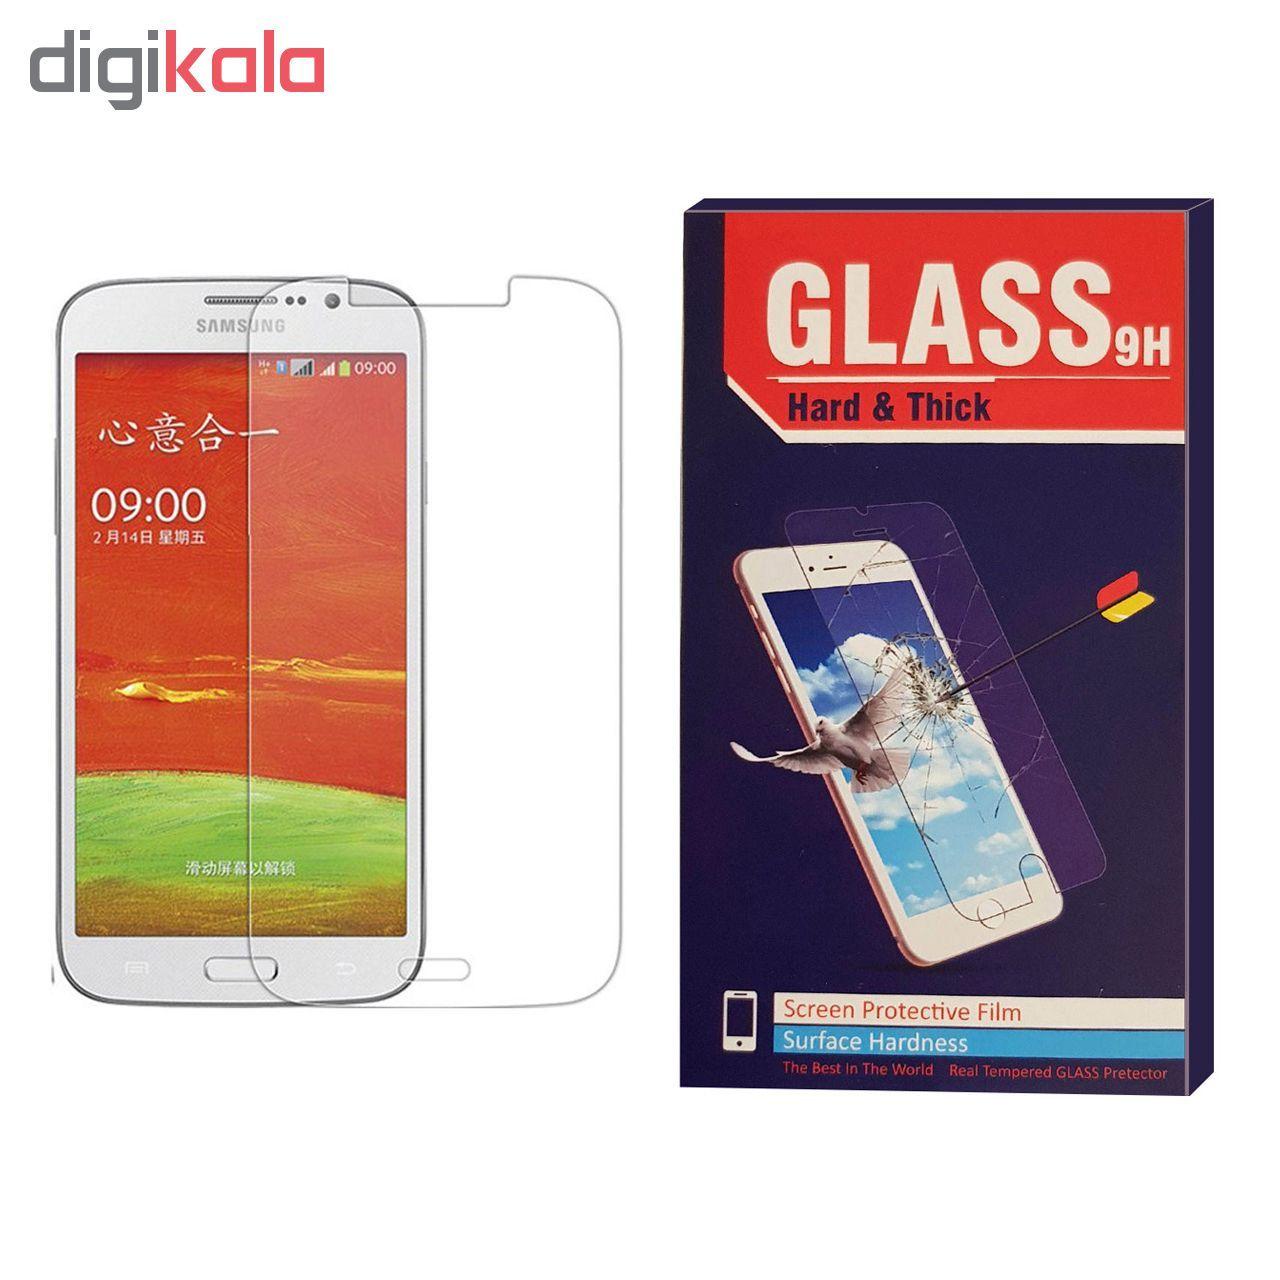 محافظ صفحه نمایش Hard and thick مدل f-01 مناسب برای گوشی موبایل سامسونگ Galaxy Mega 5.8 main 1 1